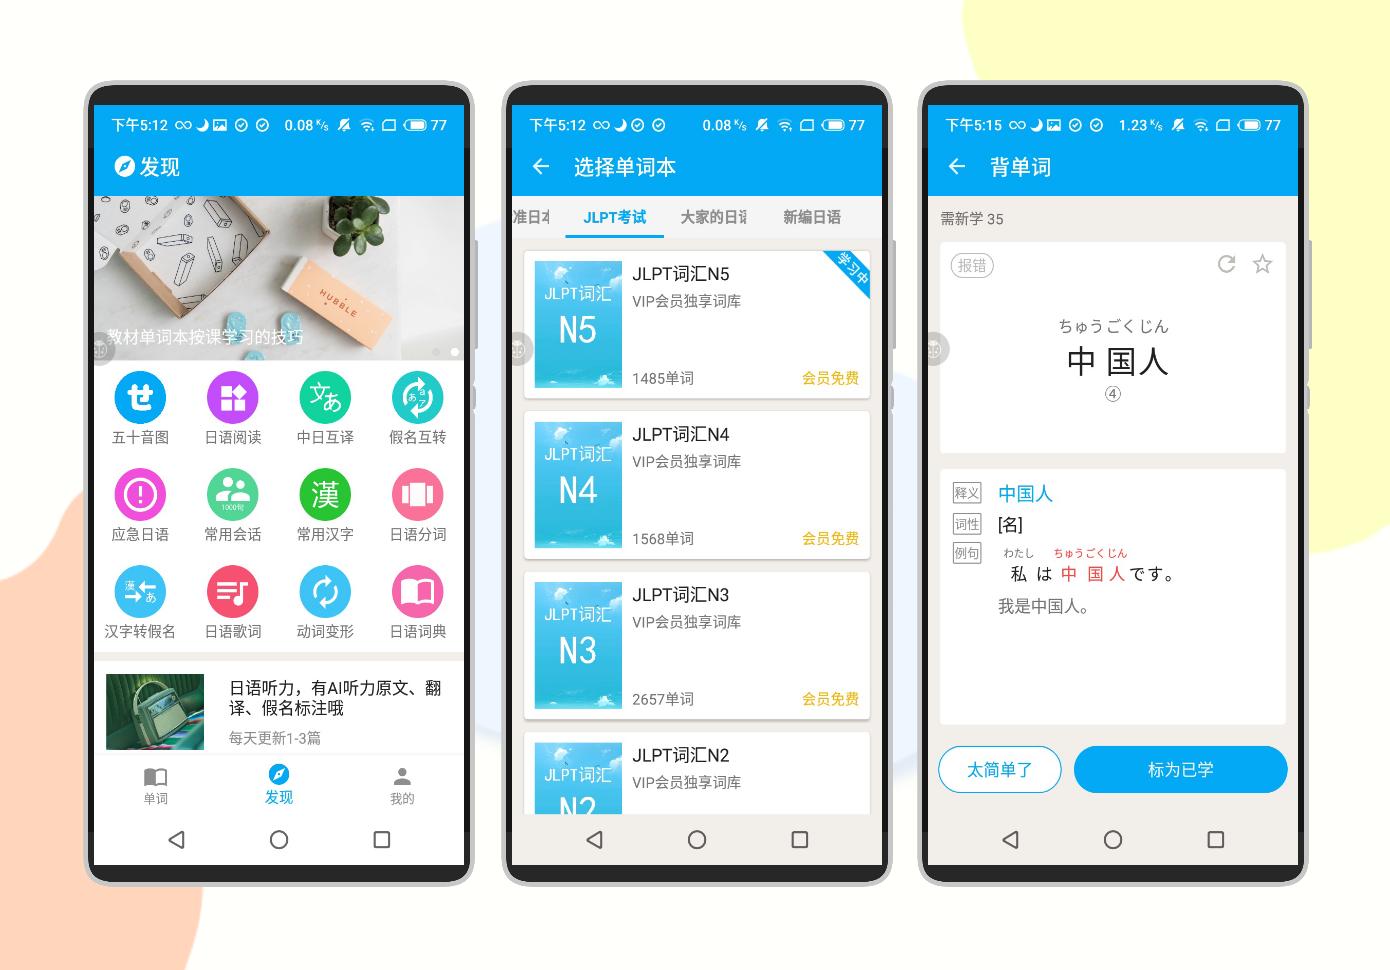 日语学习优化版截图1